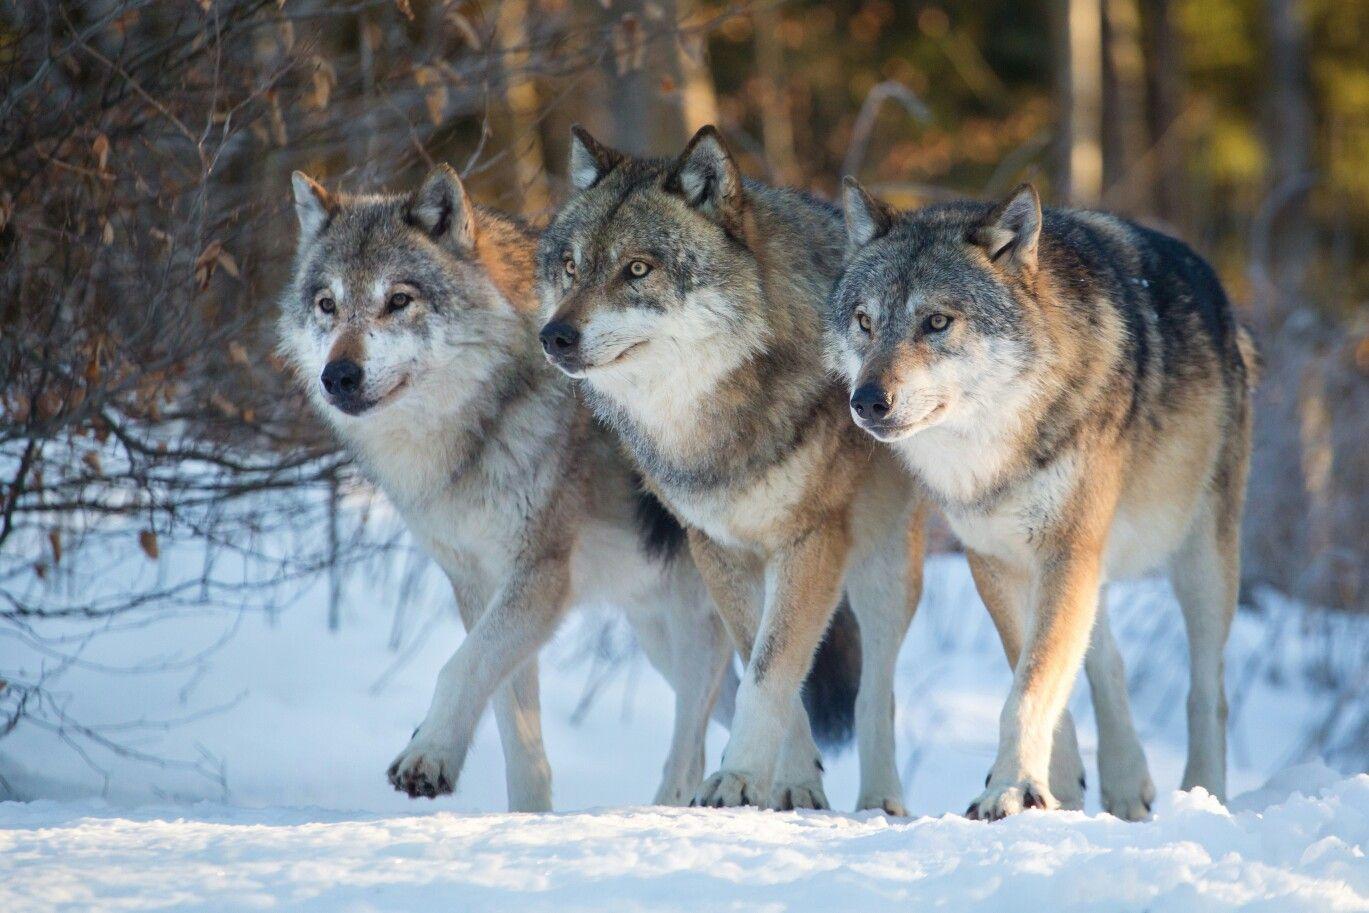 Фото с тремя волками